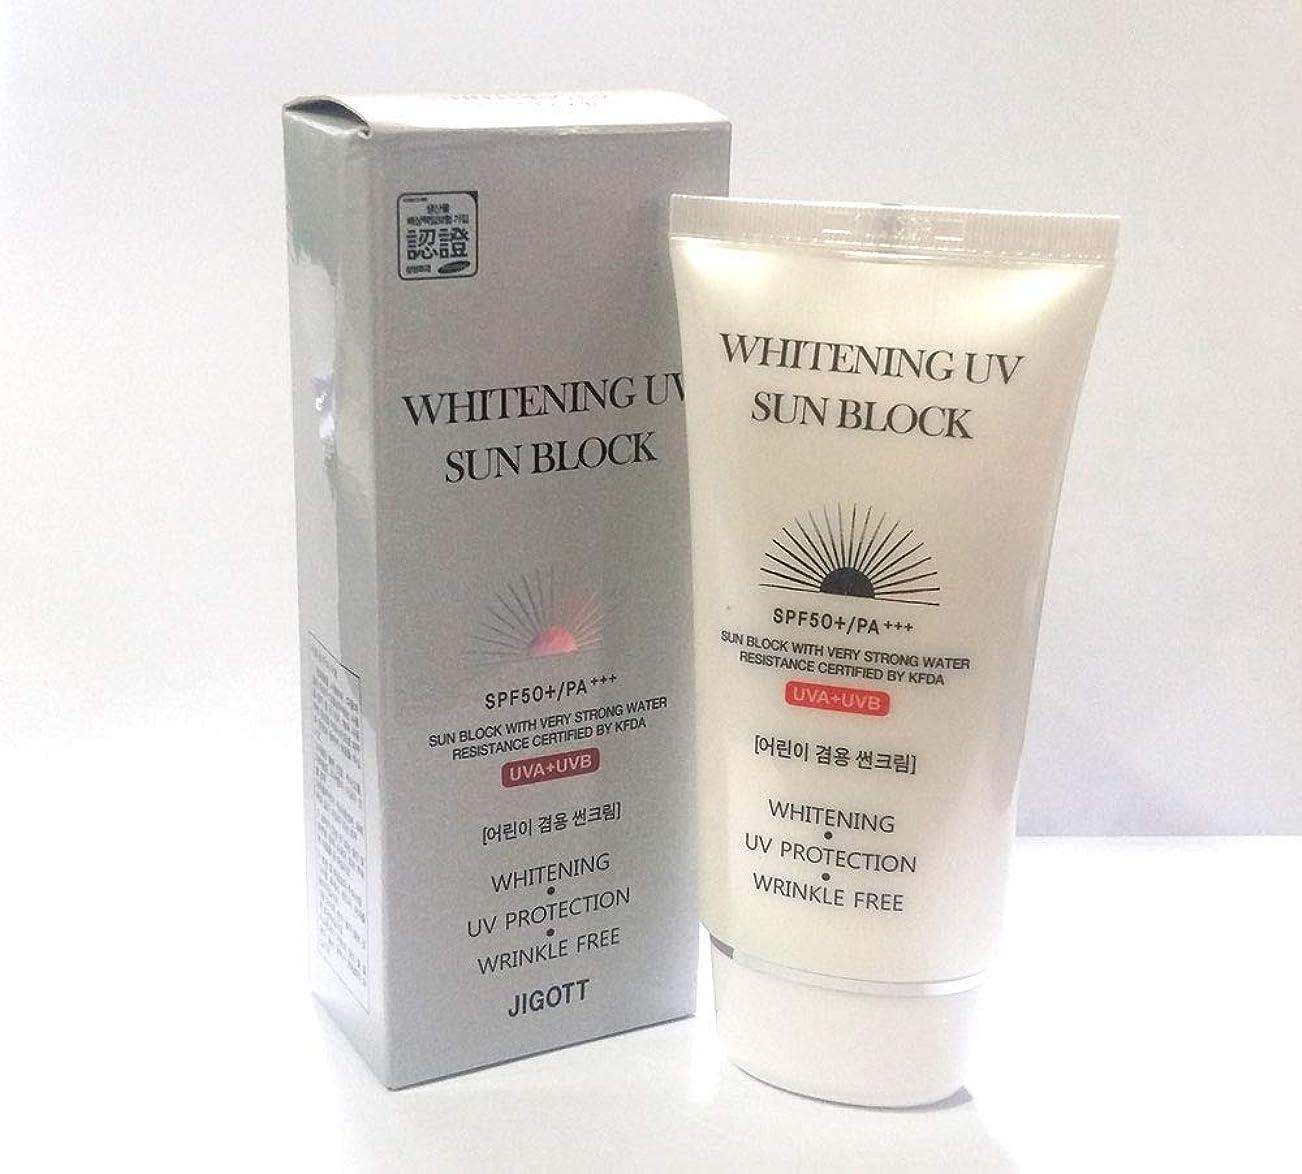 まどろみのある差別化するコモランマ[JIGOTT] ホワイトニングUVプロテクトサンブロッククリームSPF50 + PA +++ / Whitening UV Protection Sun Block Cream SPF50+ PA +++ / 韓国化粧品/Korean Cosmetics (1EA) [並行輸入品]